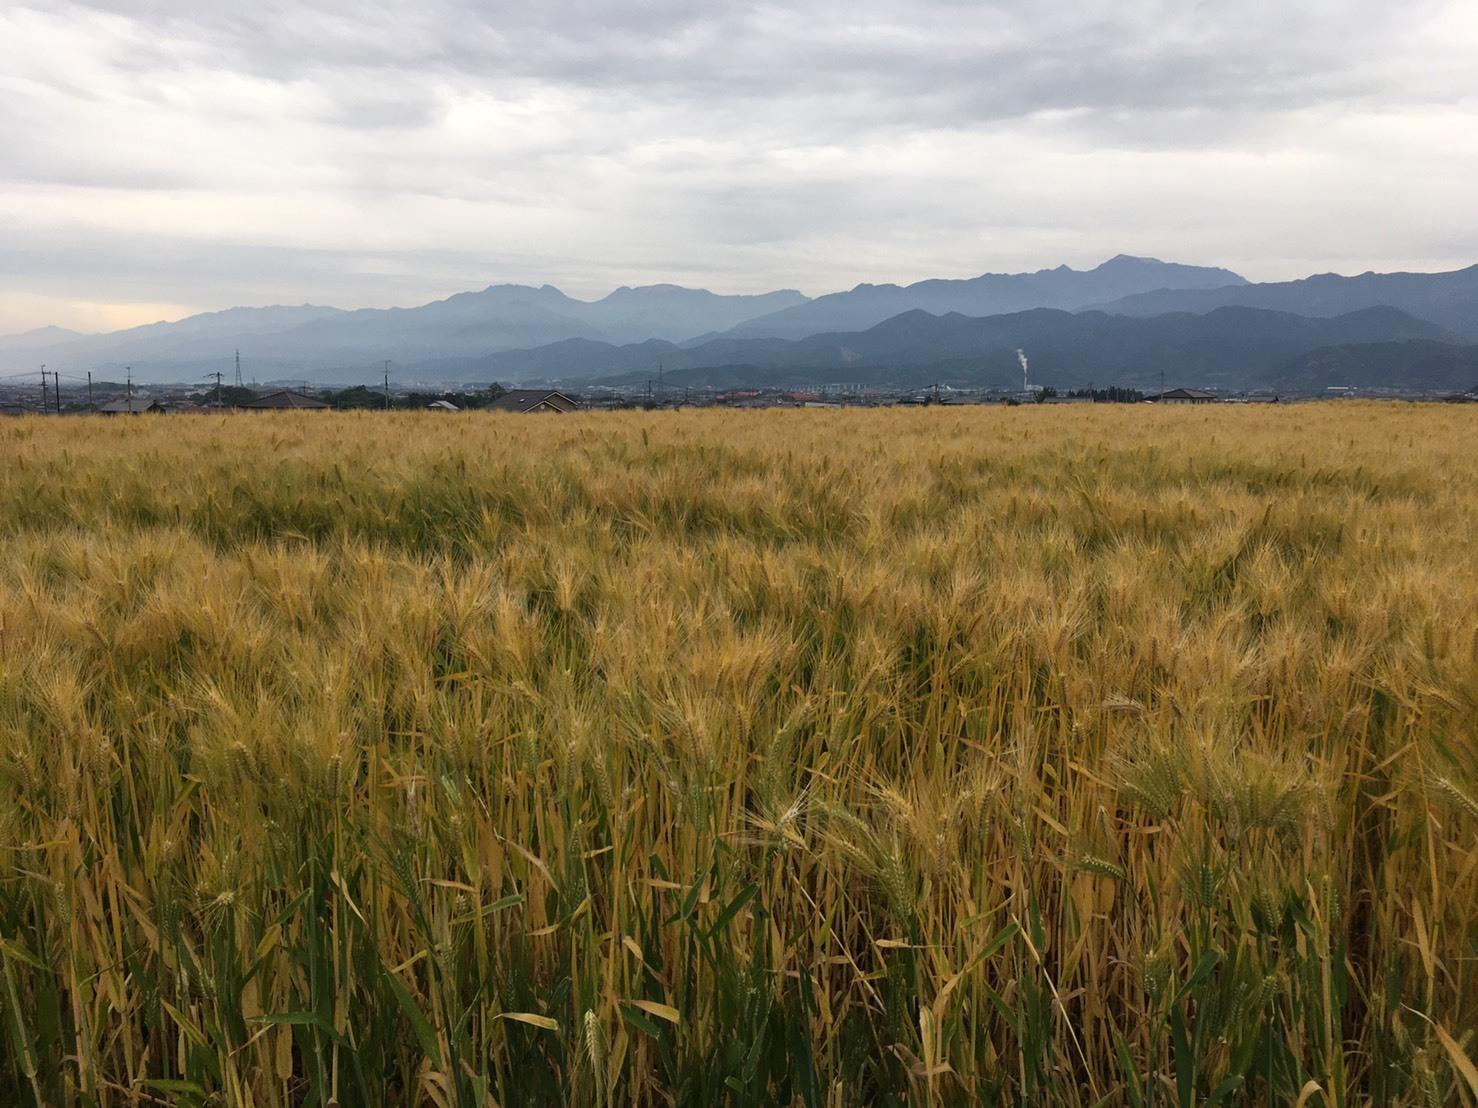 収穫を前にしたはだか麦。背後には西本最高峰・石鎚山も(撮影:愛媛県西条市)